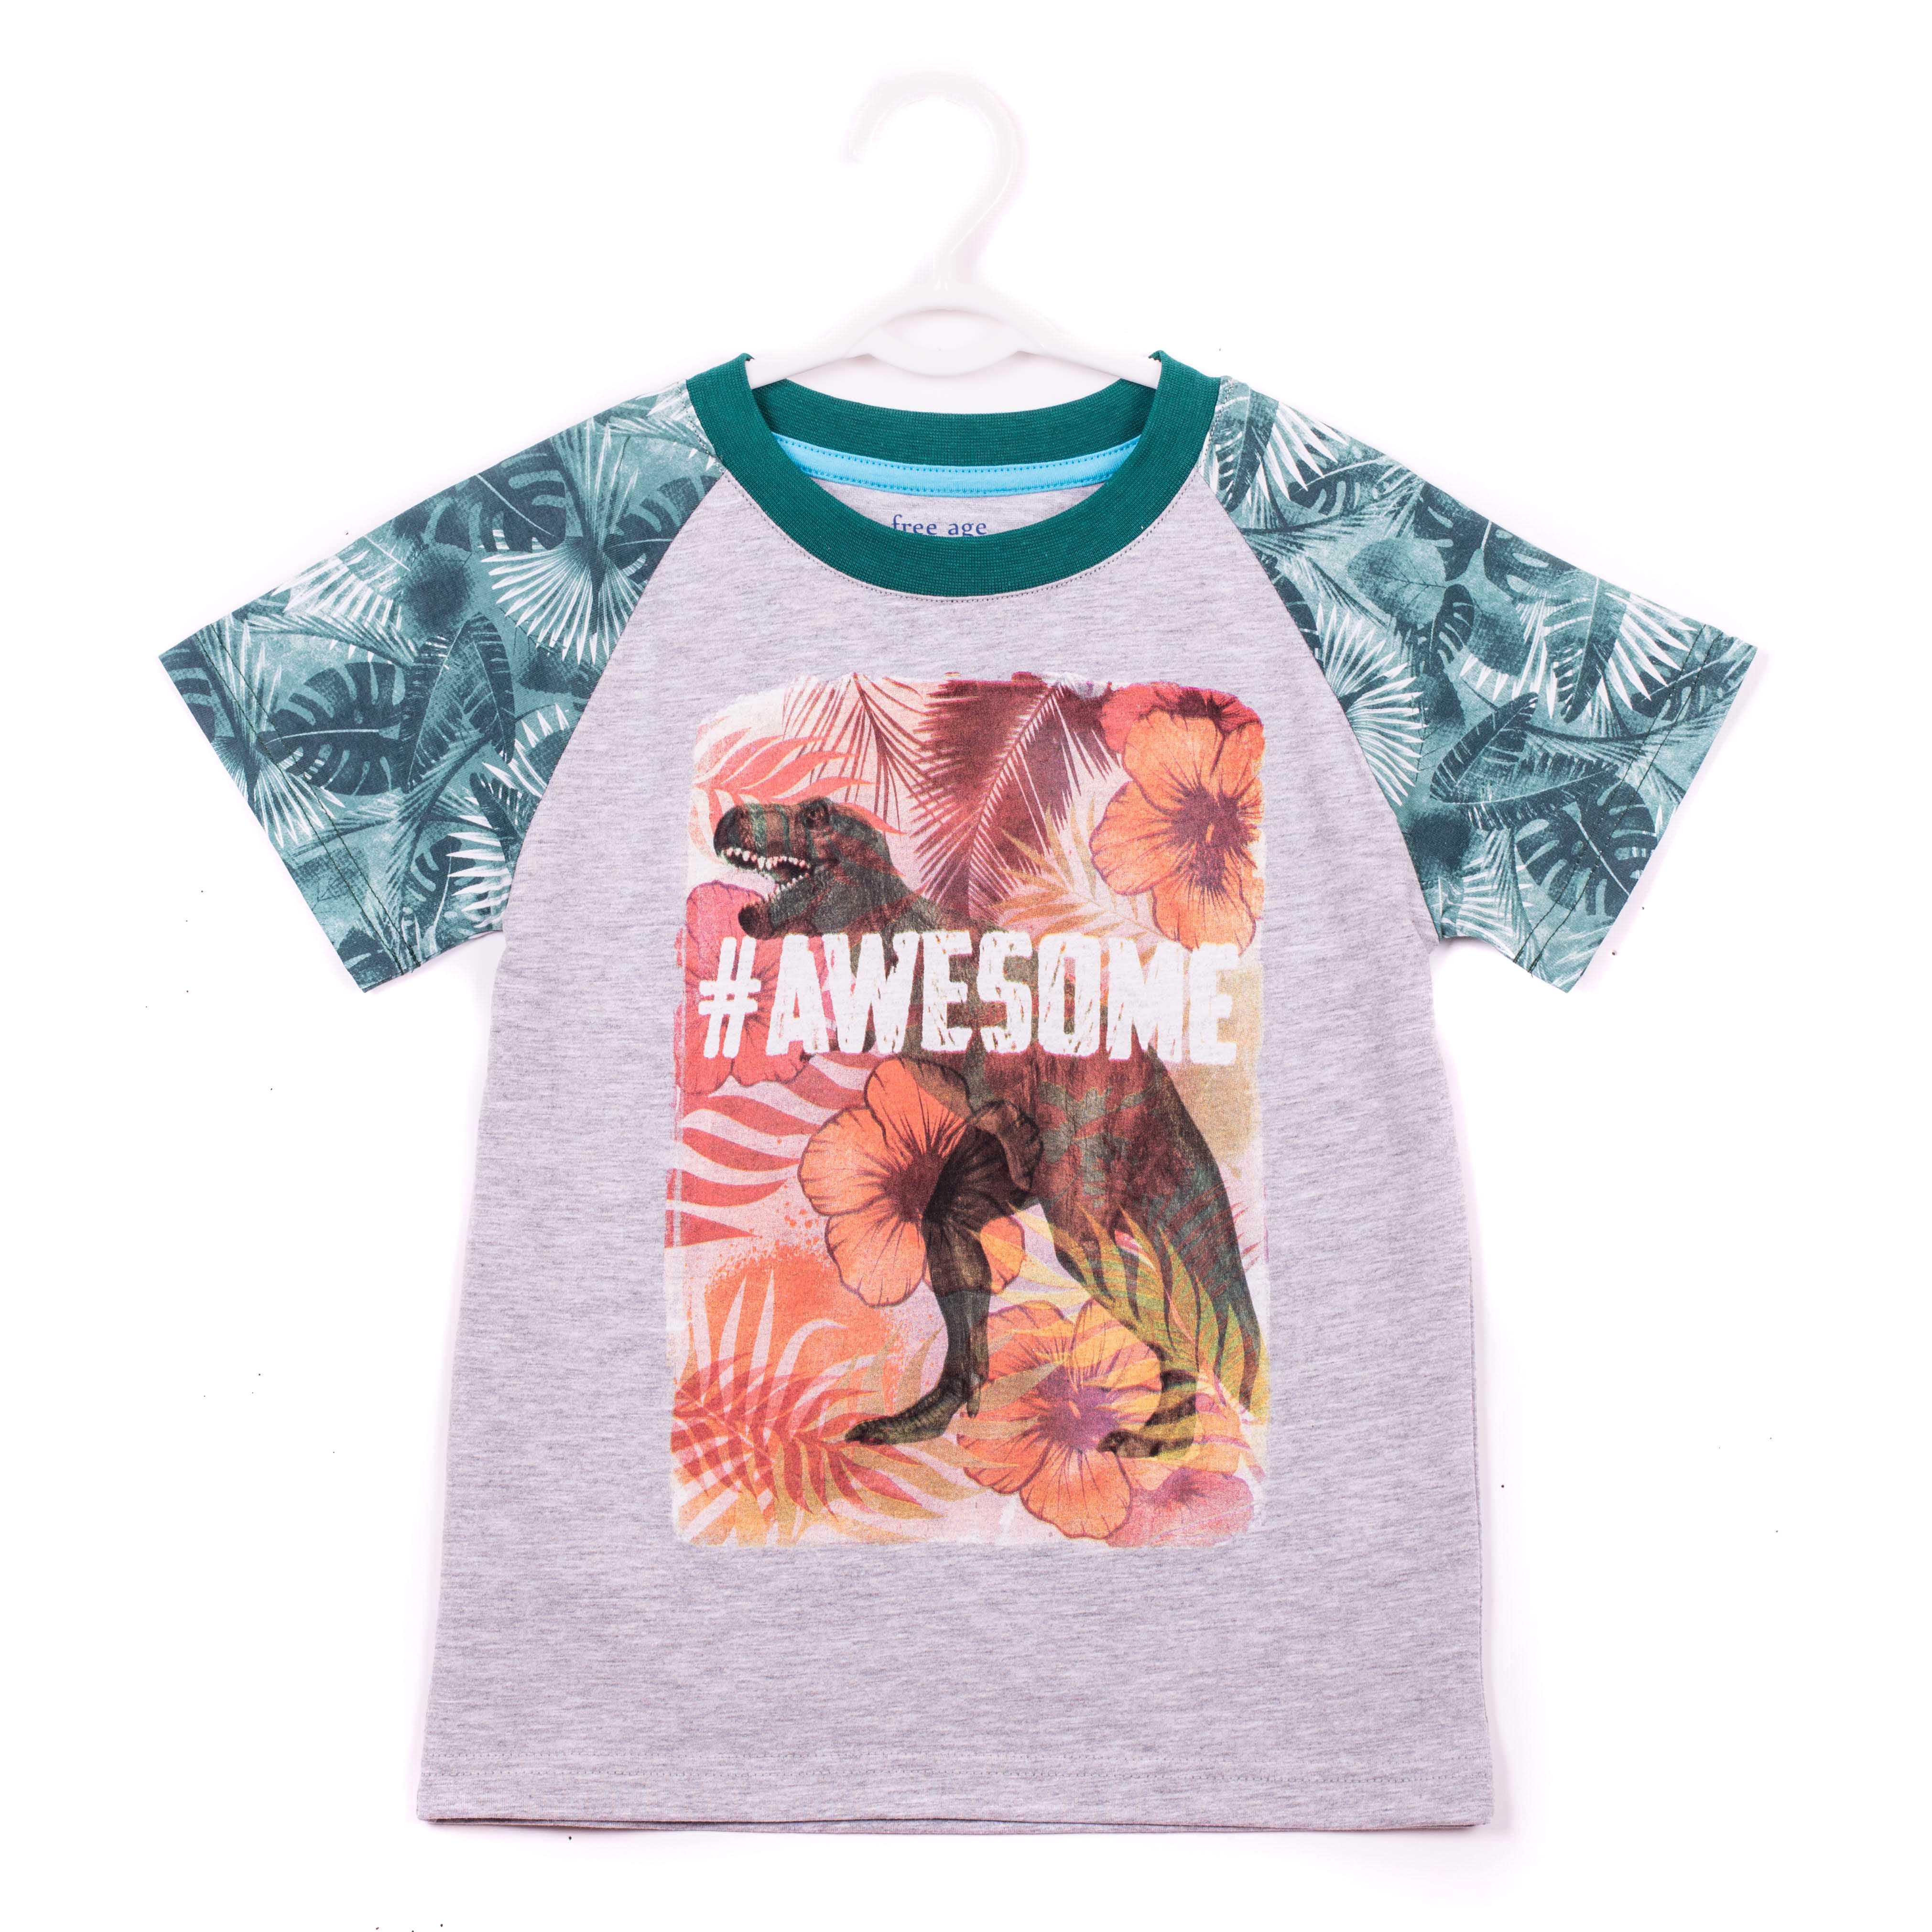 Фуфайка (футболка) для мальчика. ZB 02229-MBZB 02229-MBУдобная футболка для мальчика, с современным принтом.